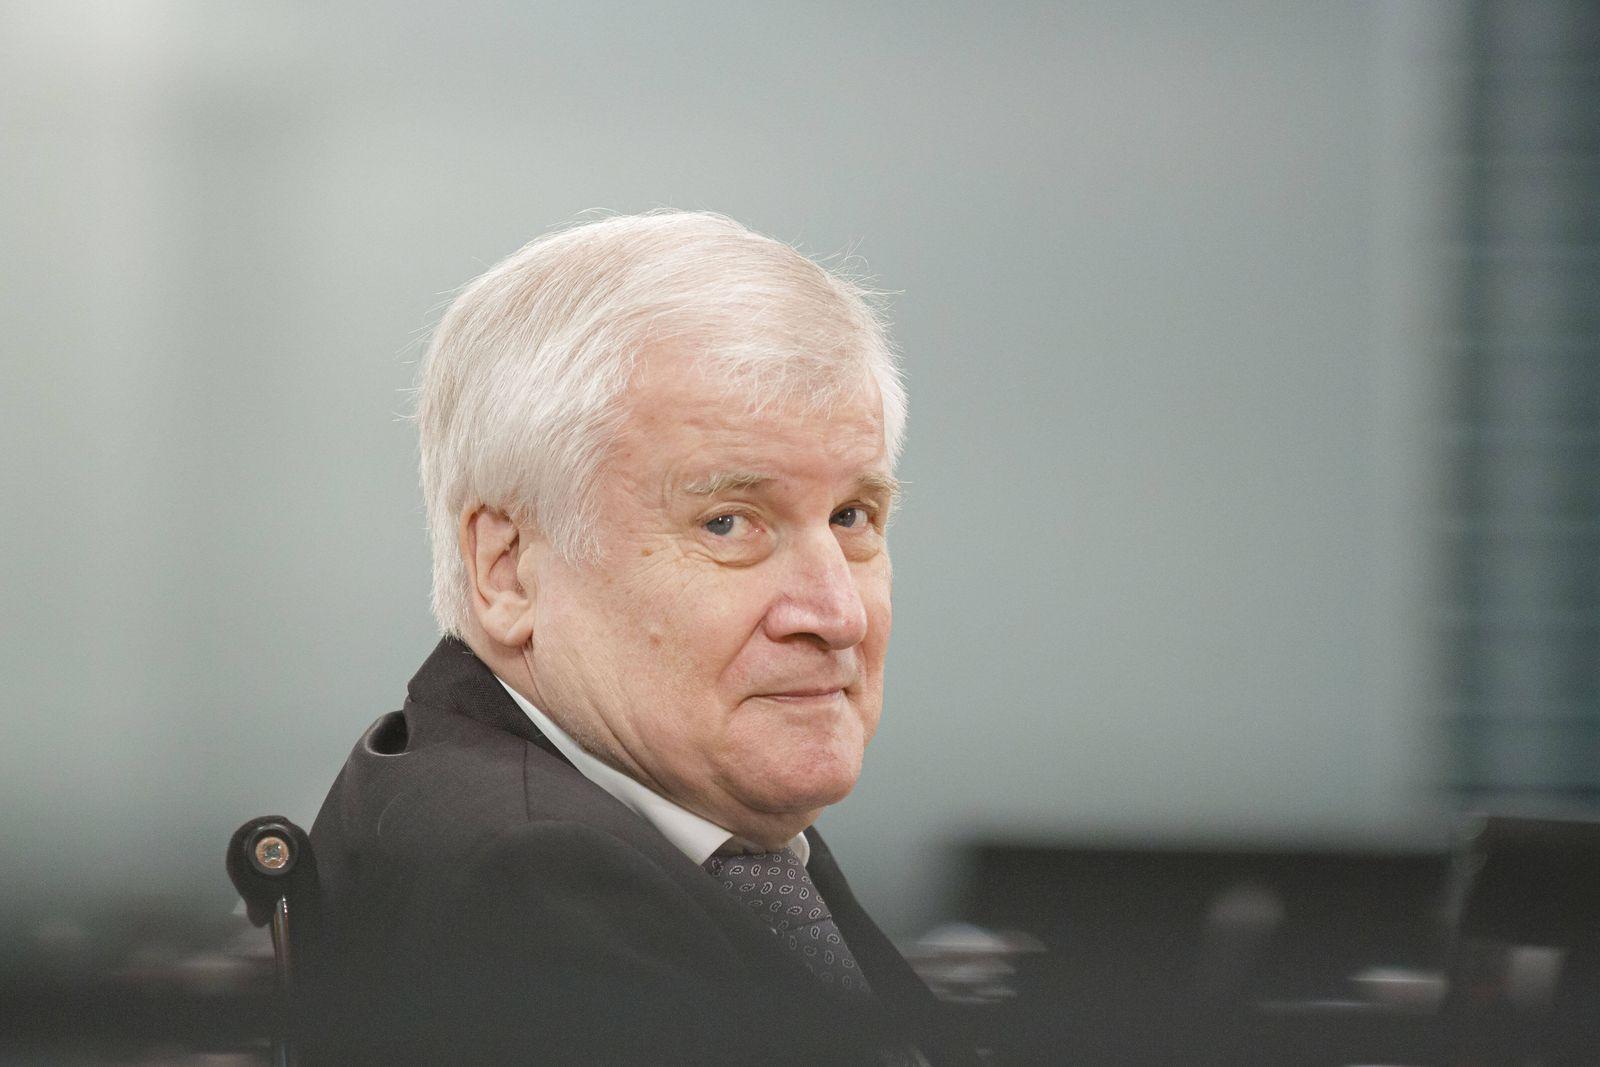 Bundesinnenminister Horst Seehofer, CSU, aufgenommen zu Beginn einer Kabinettsitzung. Berlin, 15.07.2020 Berlin Deutschl